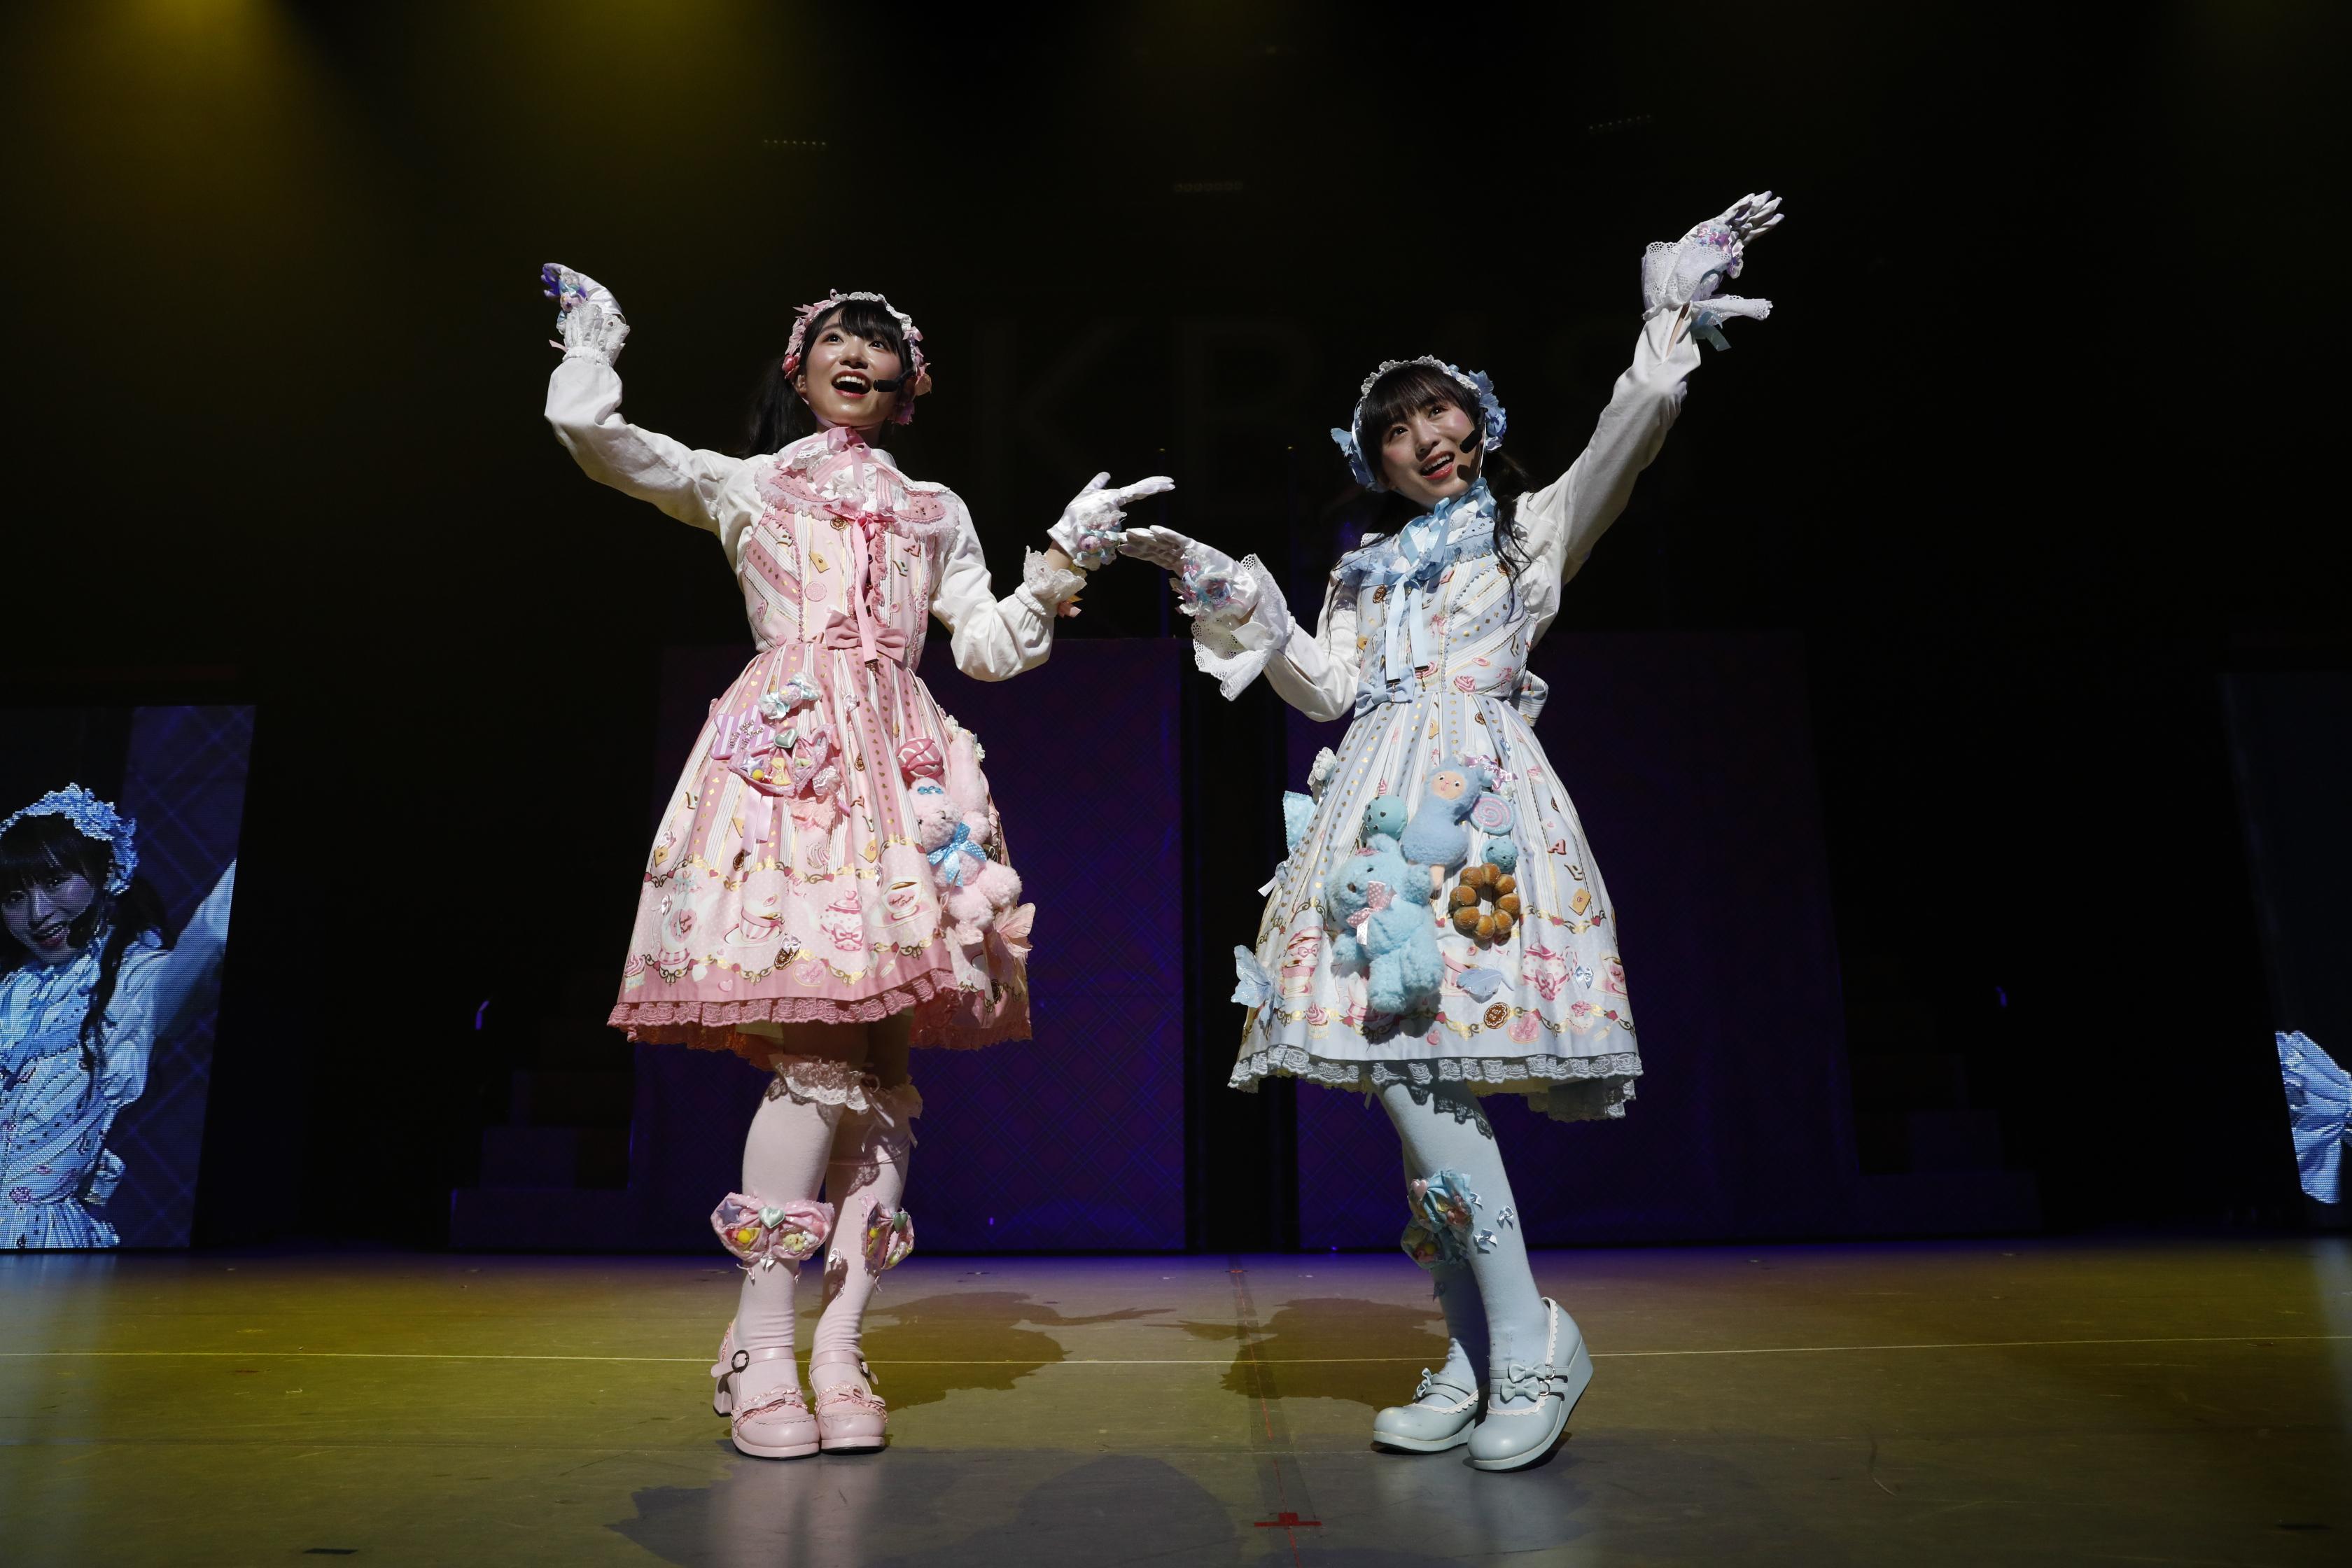 山内瑞葵と坂口渚沙 (C) AKS